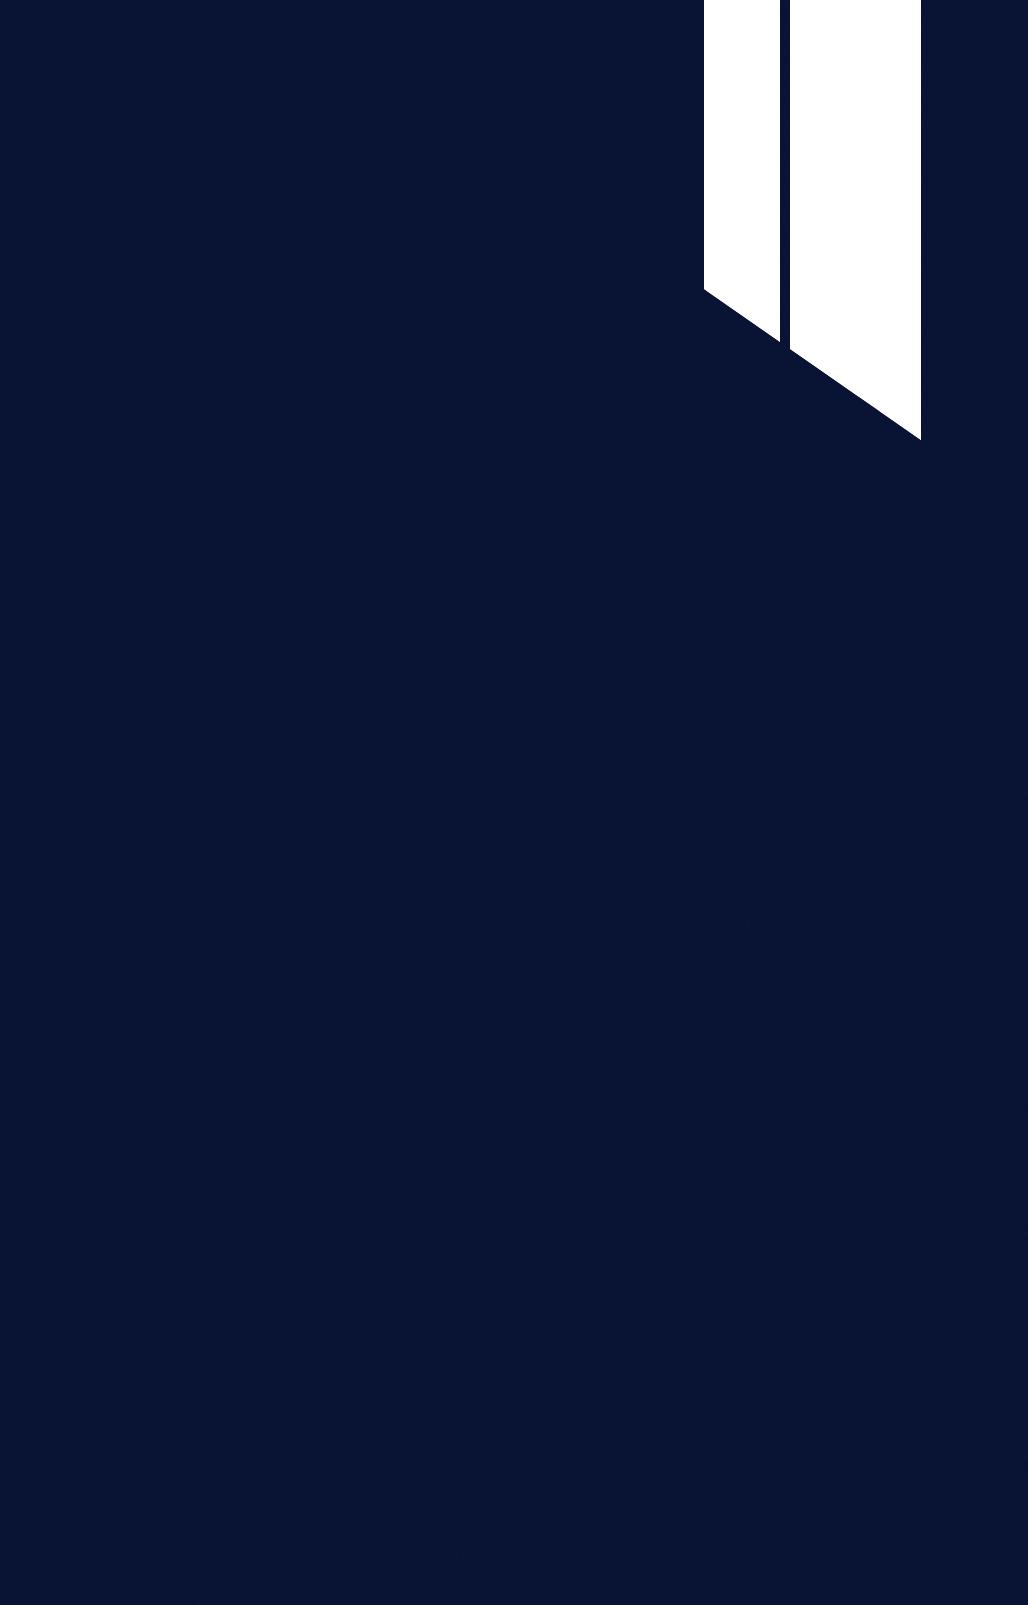 classic koyu mavi kapak